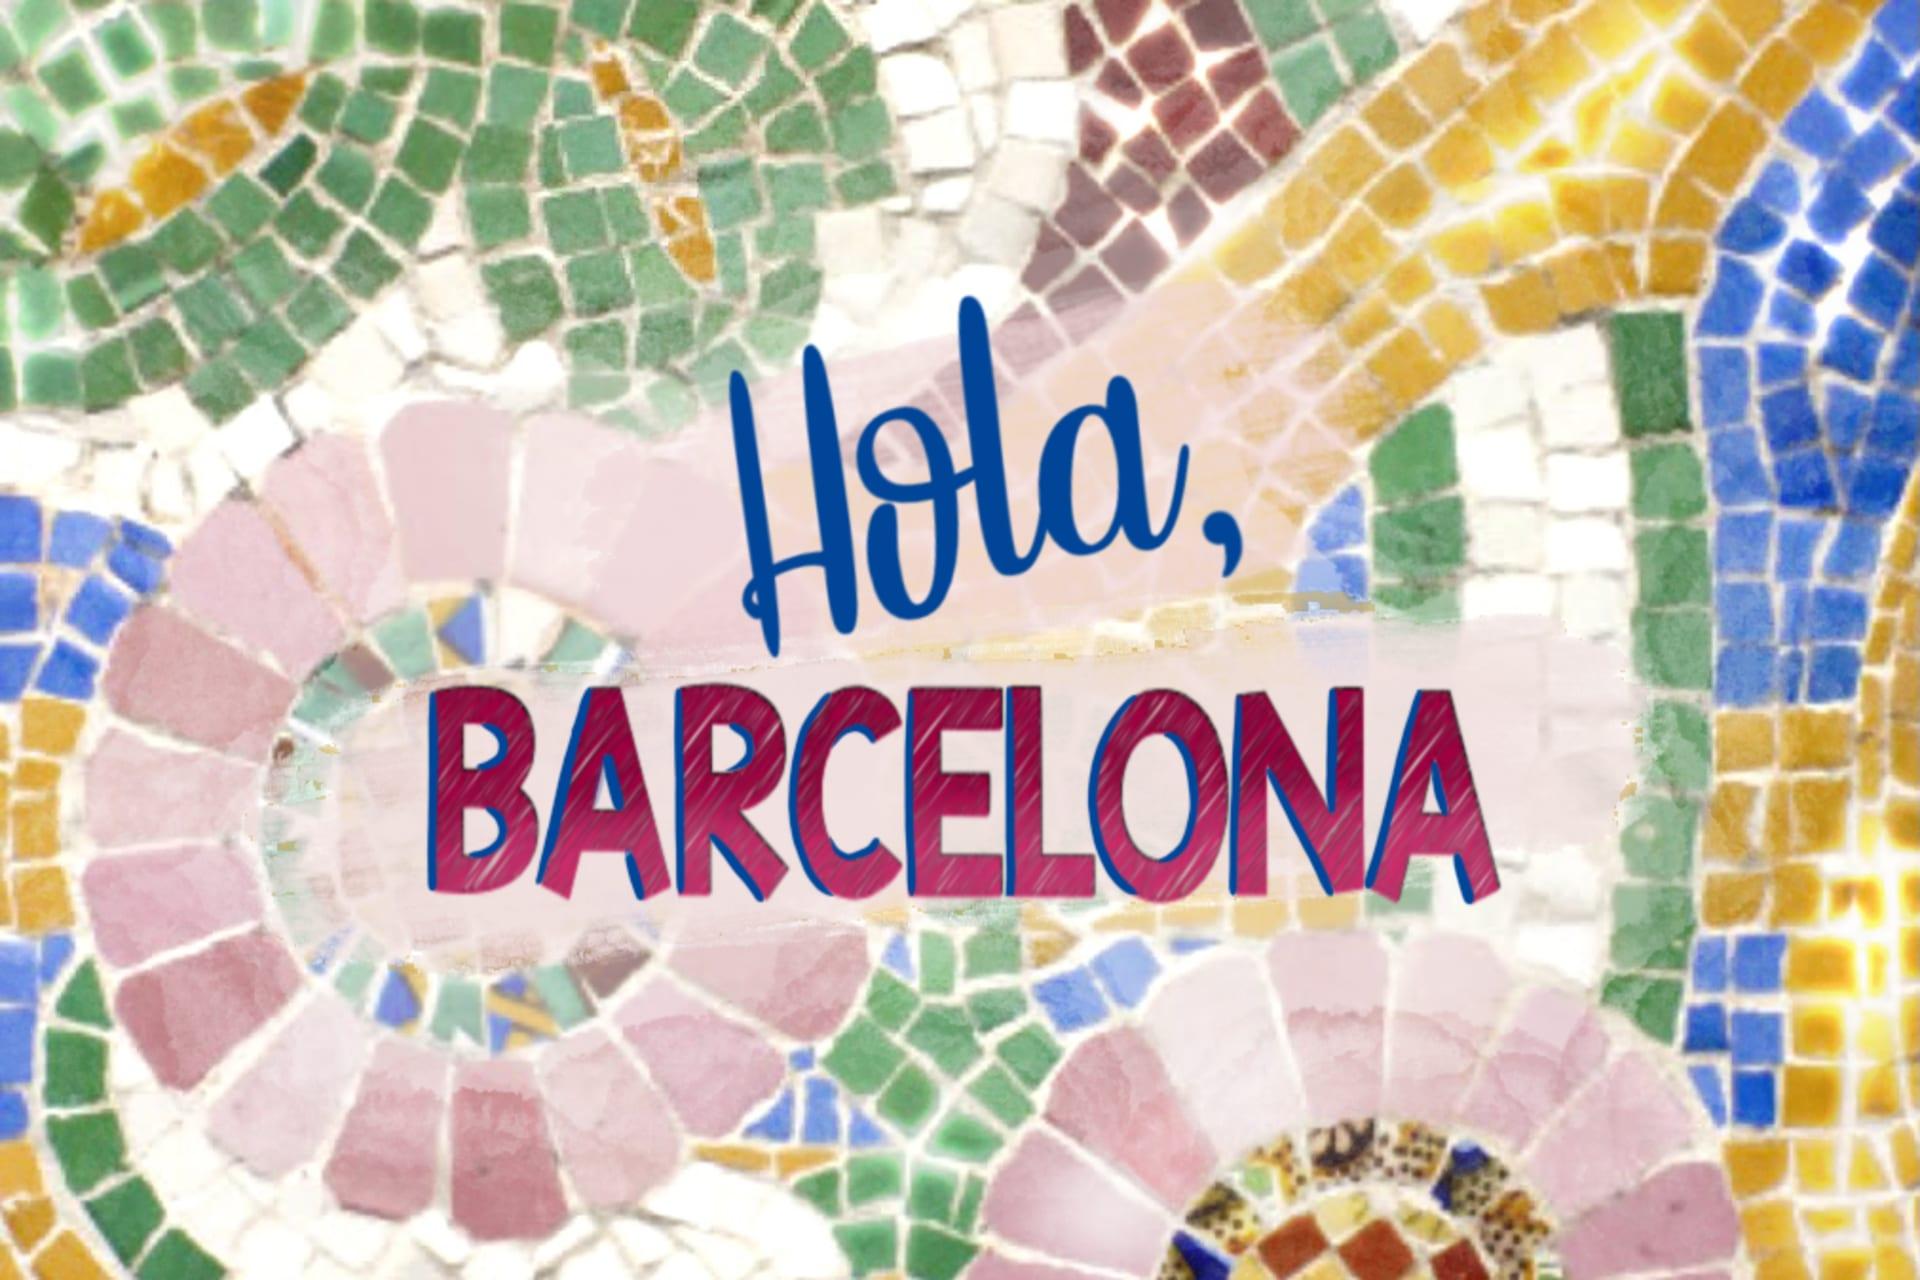 Barcelona - Learn Spanish in Barcelona